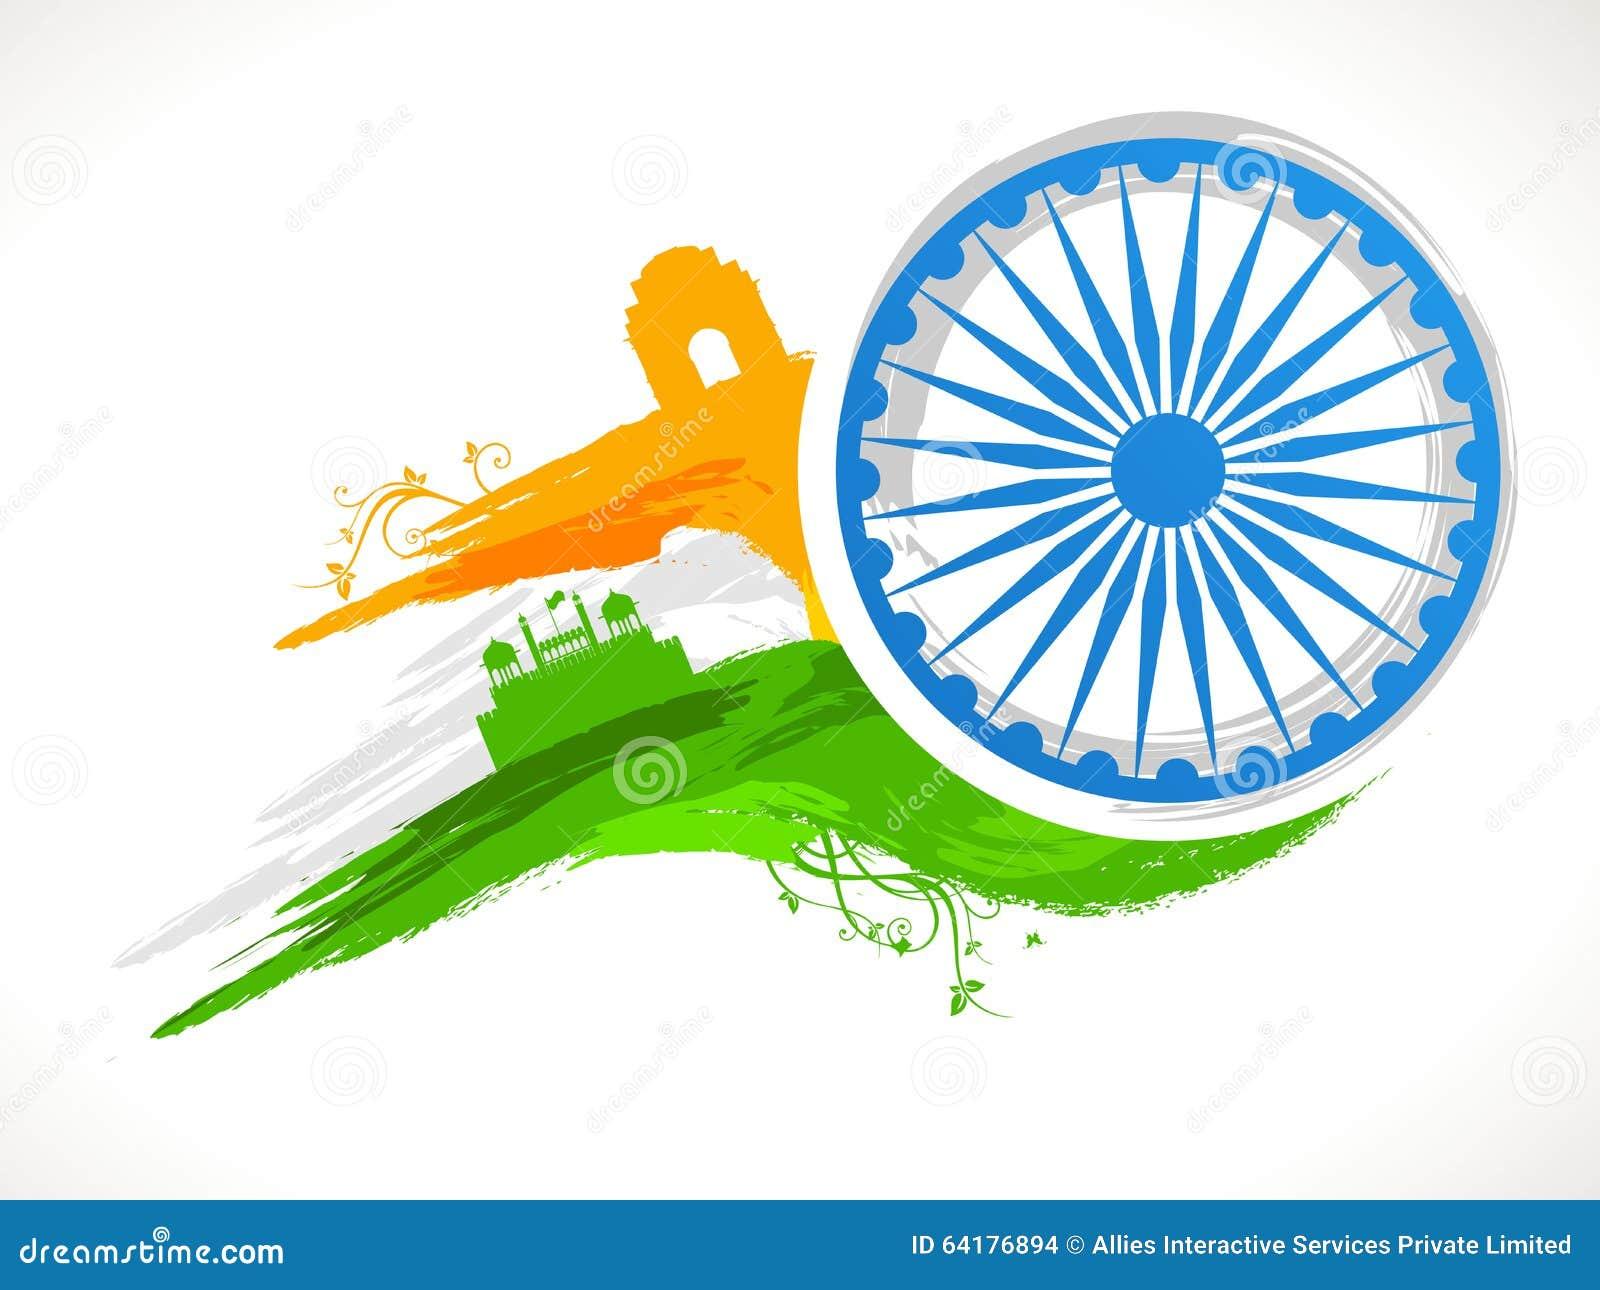 Ashoka Wheel For Indian Republic Day Celebration. Stock Illustration ...